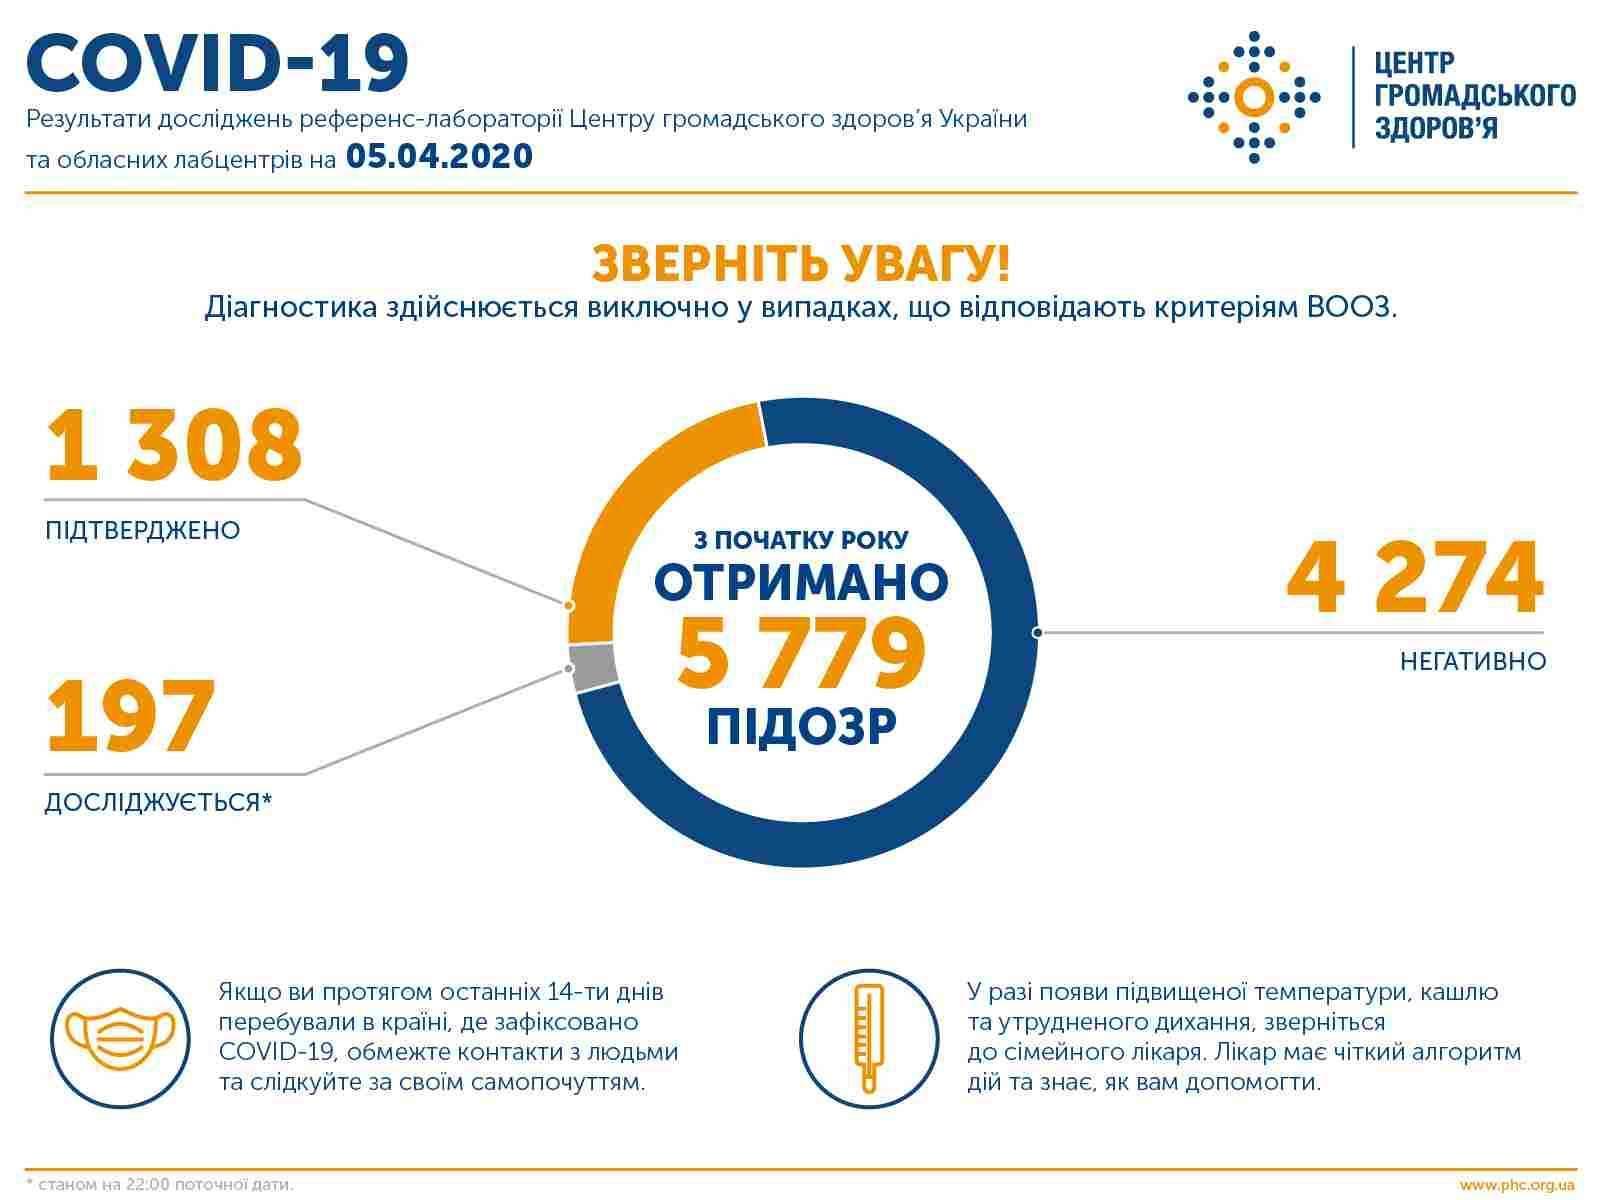 Оперативна інформація про поширення коронавірусної інфекції COVID-19 станом на 22:00 05.04.2020